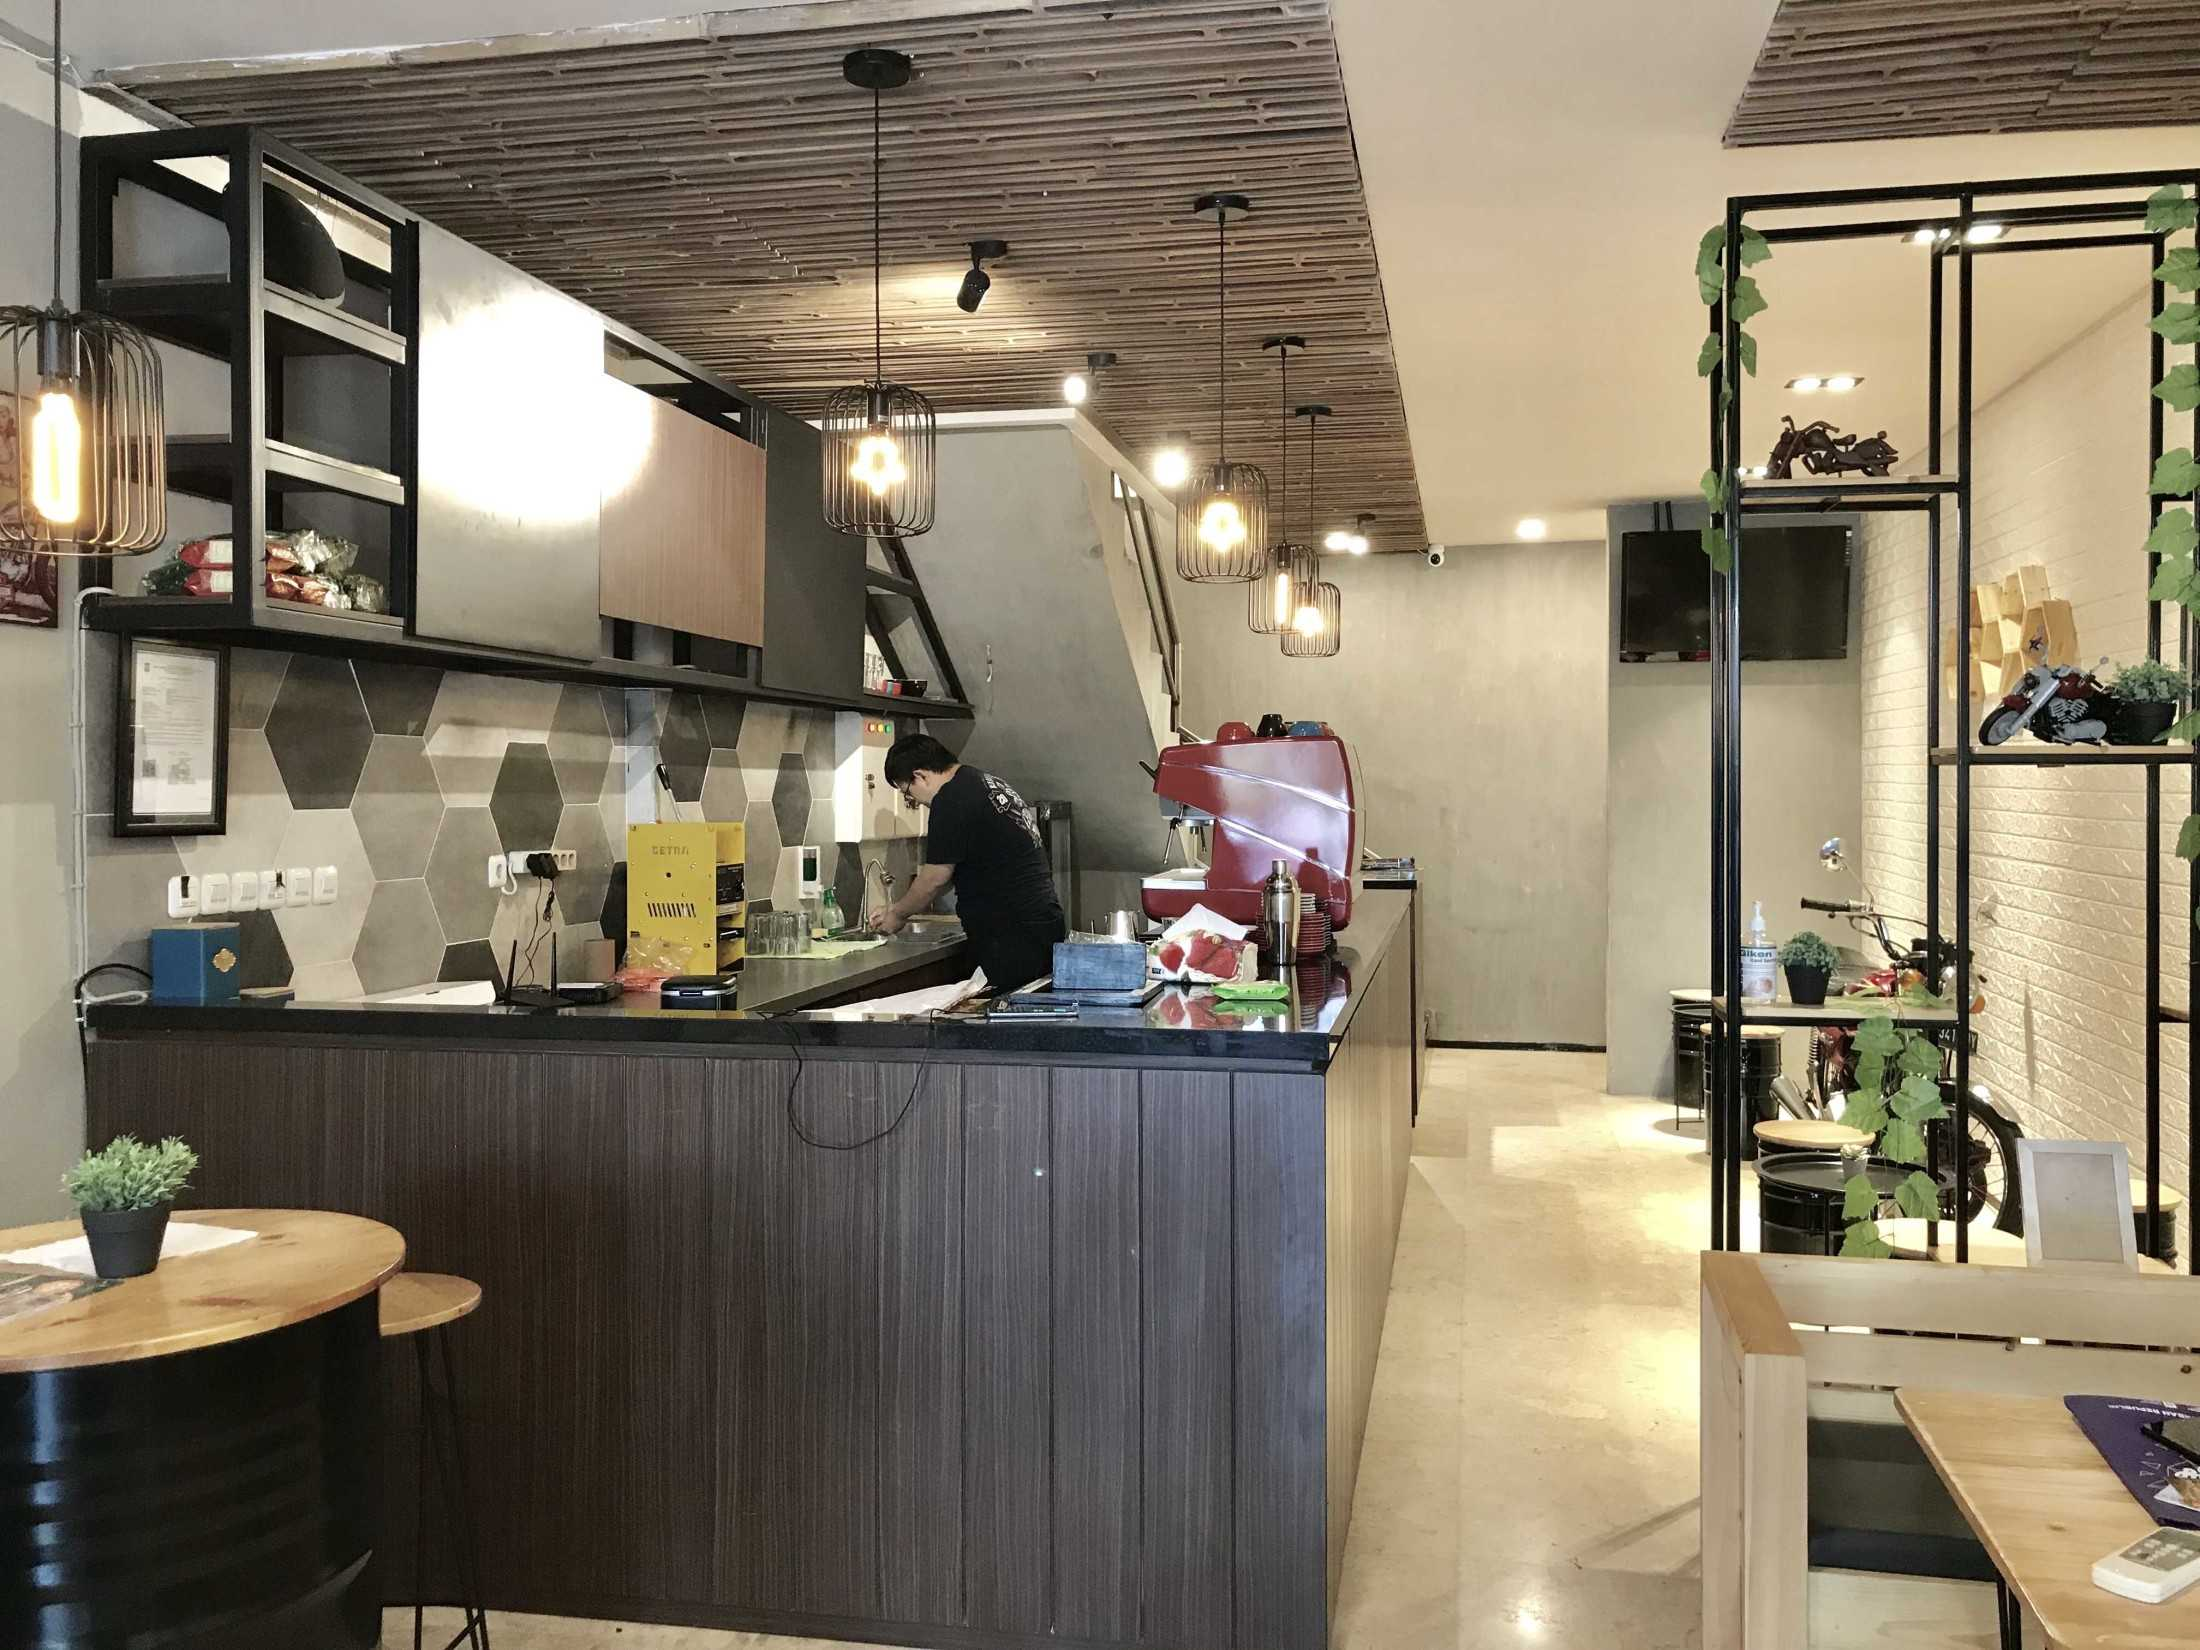 Yulianto Gunawan Basecamp Cafe Surabaya, Kota Sby, Jawa Timur, Indonesia Surabaya, Kota Sby, Jawa Timur, Indonesia Yulianto-Gunawan-Basecamp-Cafe  129049